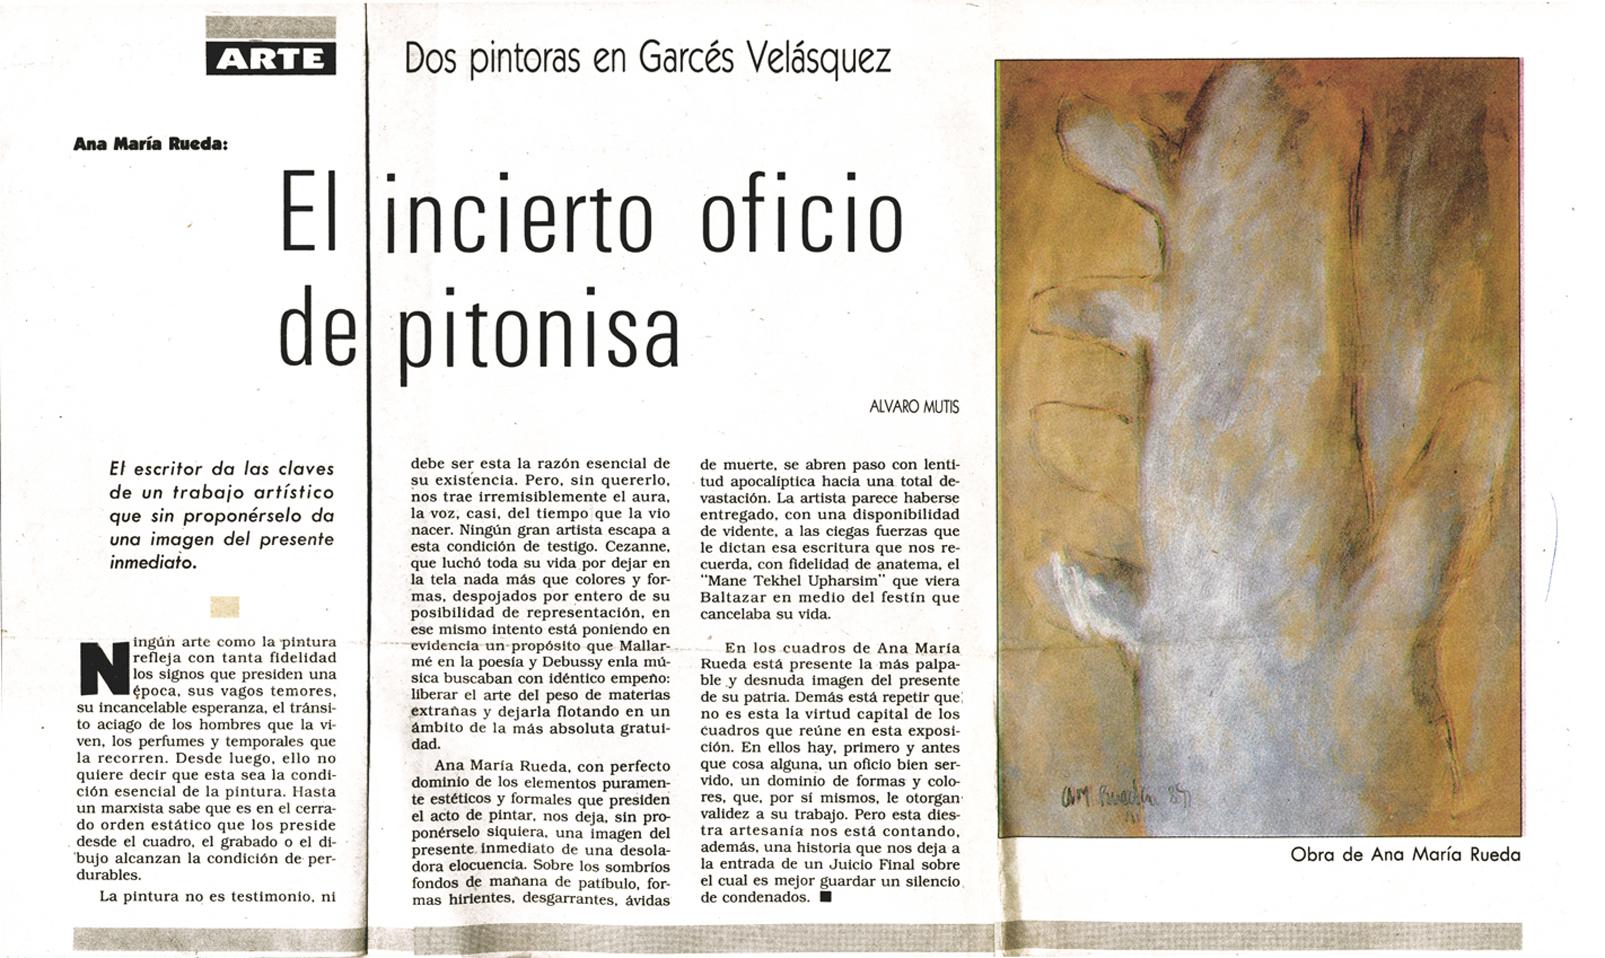 Texto-Alvaro-Mutiz-1989